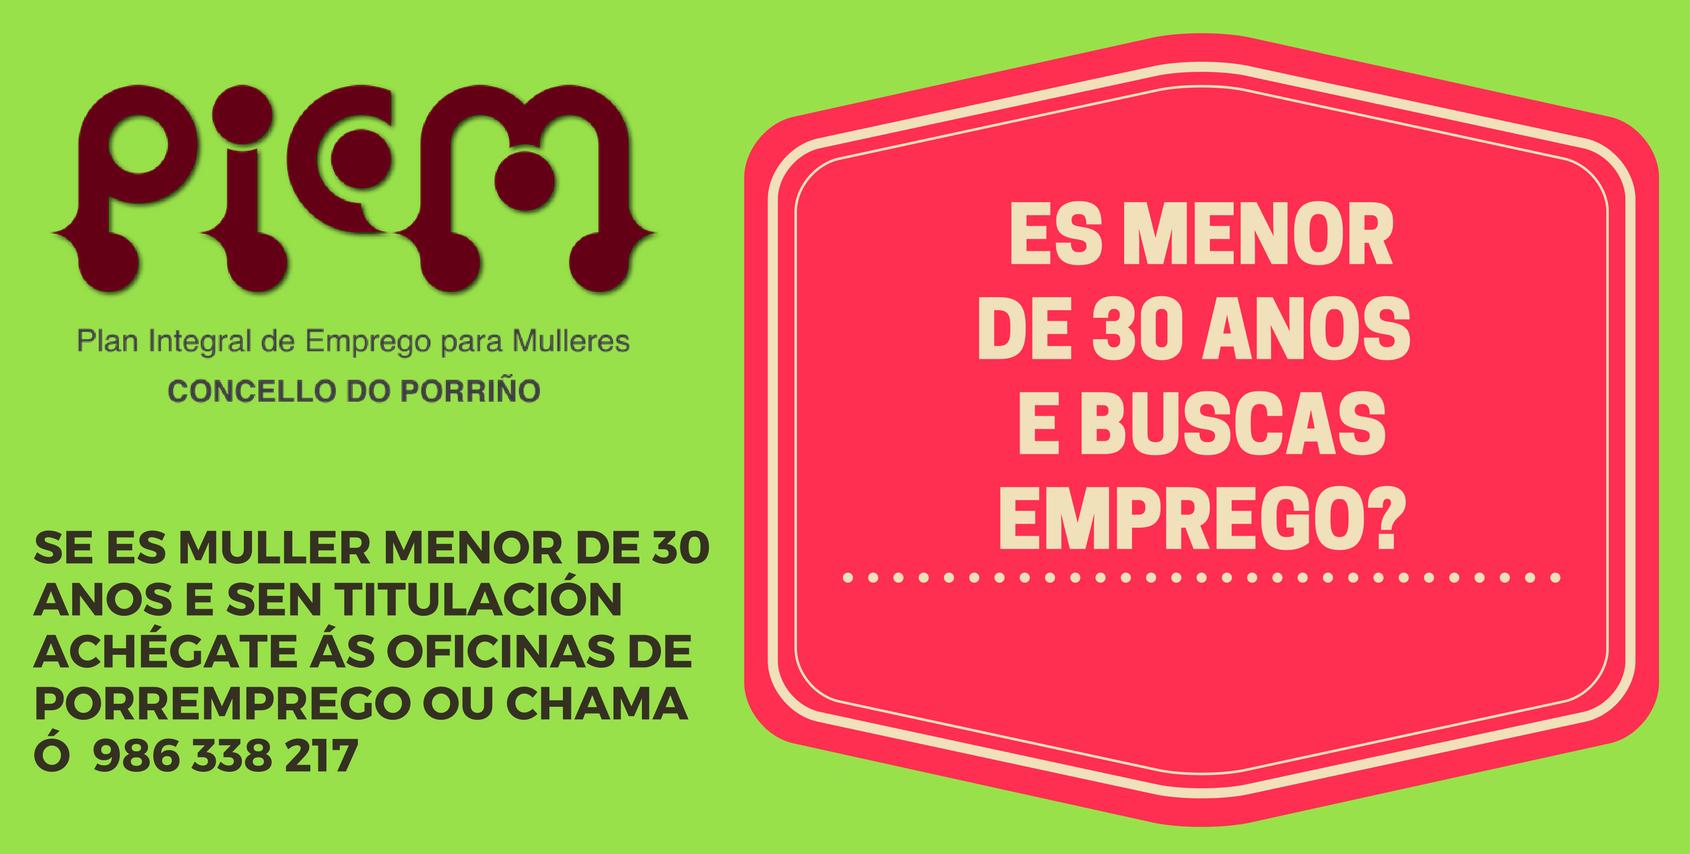 O Concello impulsa o Plan Integrado de Emprego para Mulleres (PIEM), dirixido a 85 veciñas menores de 30 anos e sen cualificación profesional, de cara a súa volta ao mercado de traballo ou a súa inserción laboral